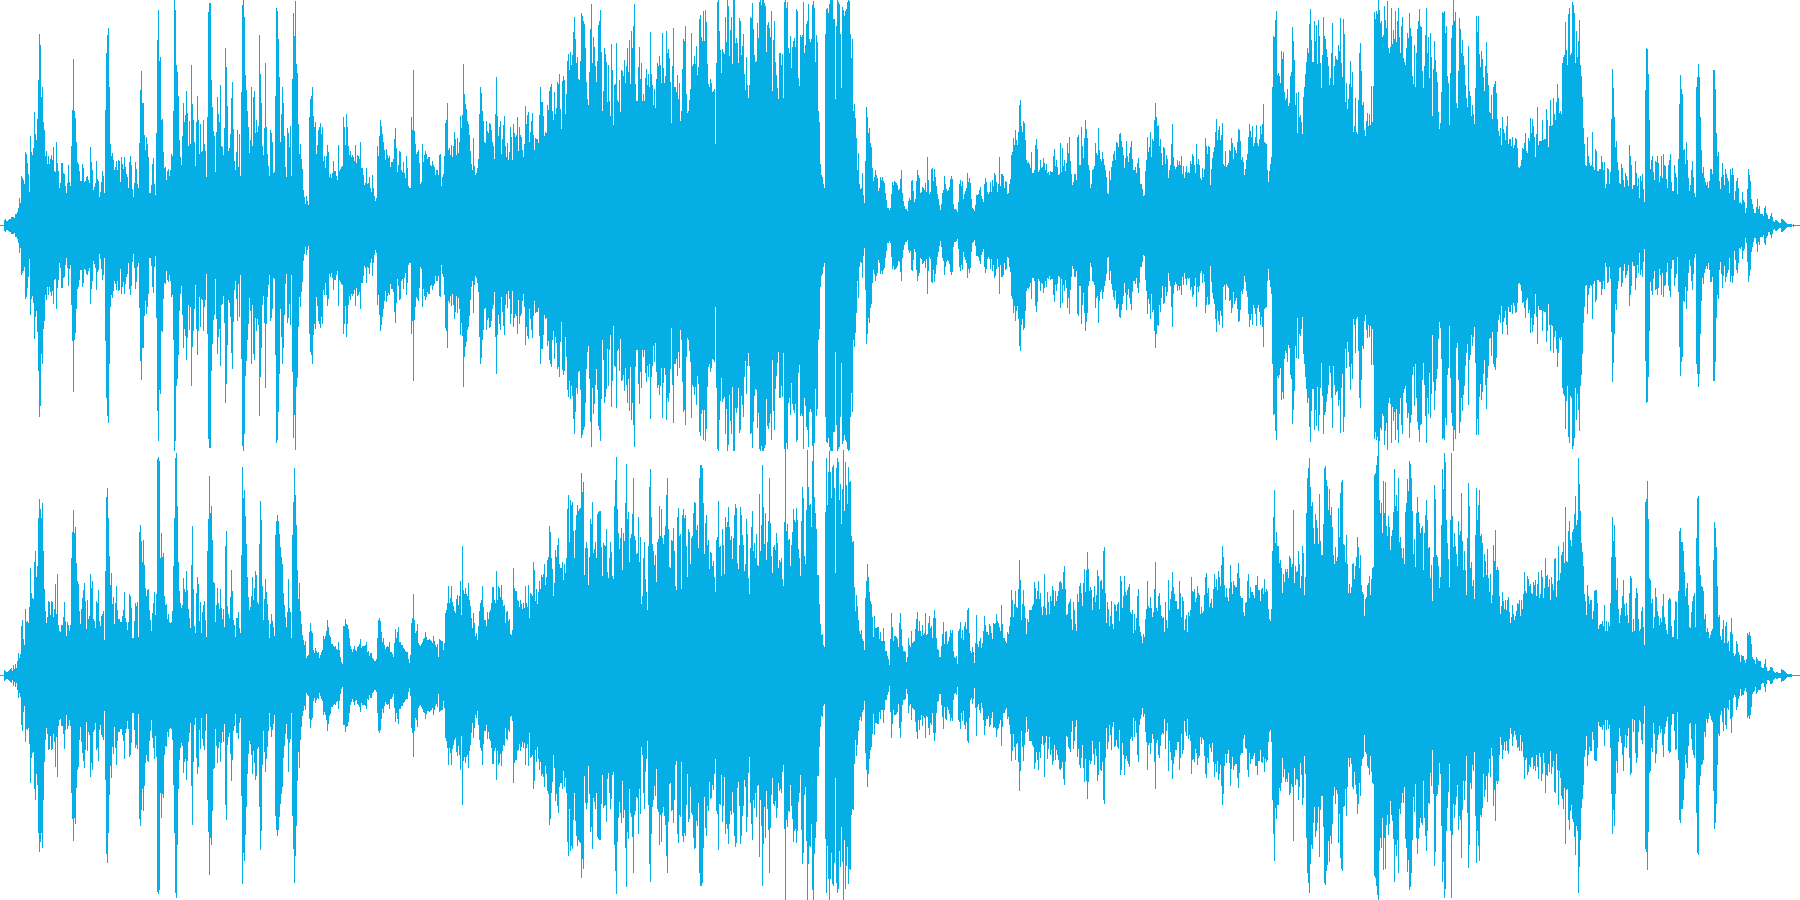 戦略シミュレーションゲームのBGMを想…の再生済みの波形